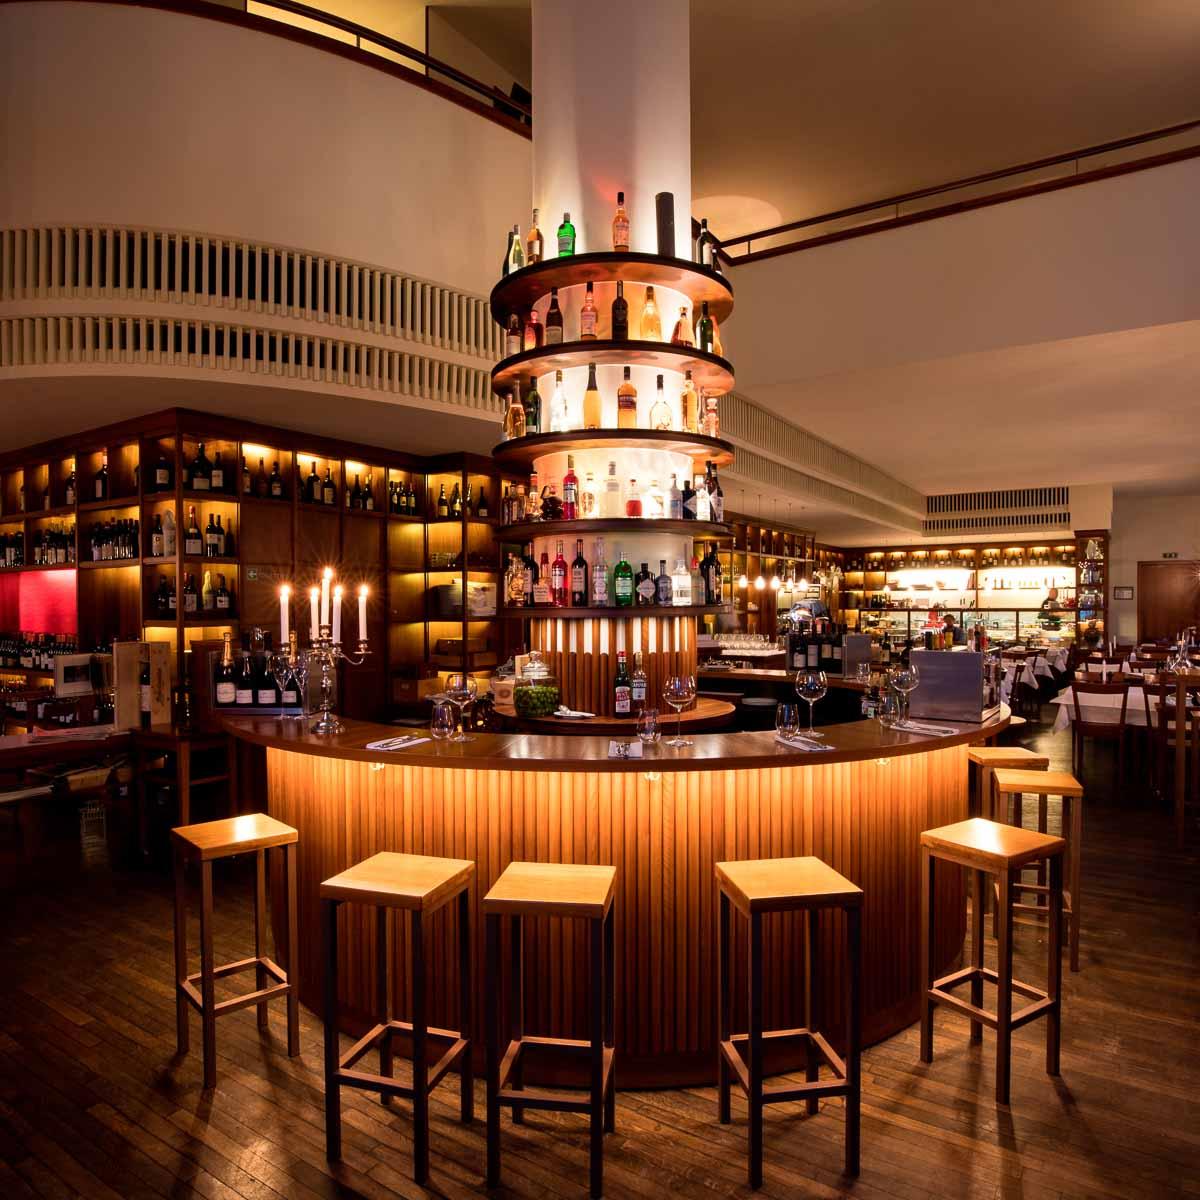 Weinbar und italienisches Restaurant Il Calice in Charlottenburg